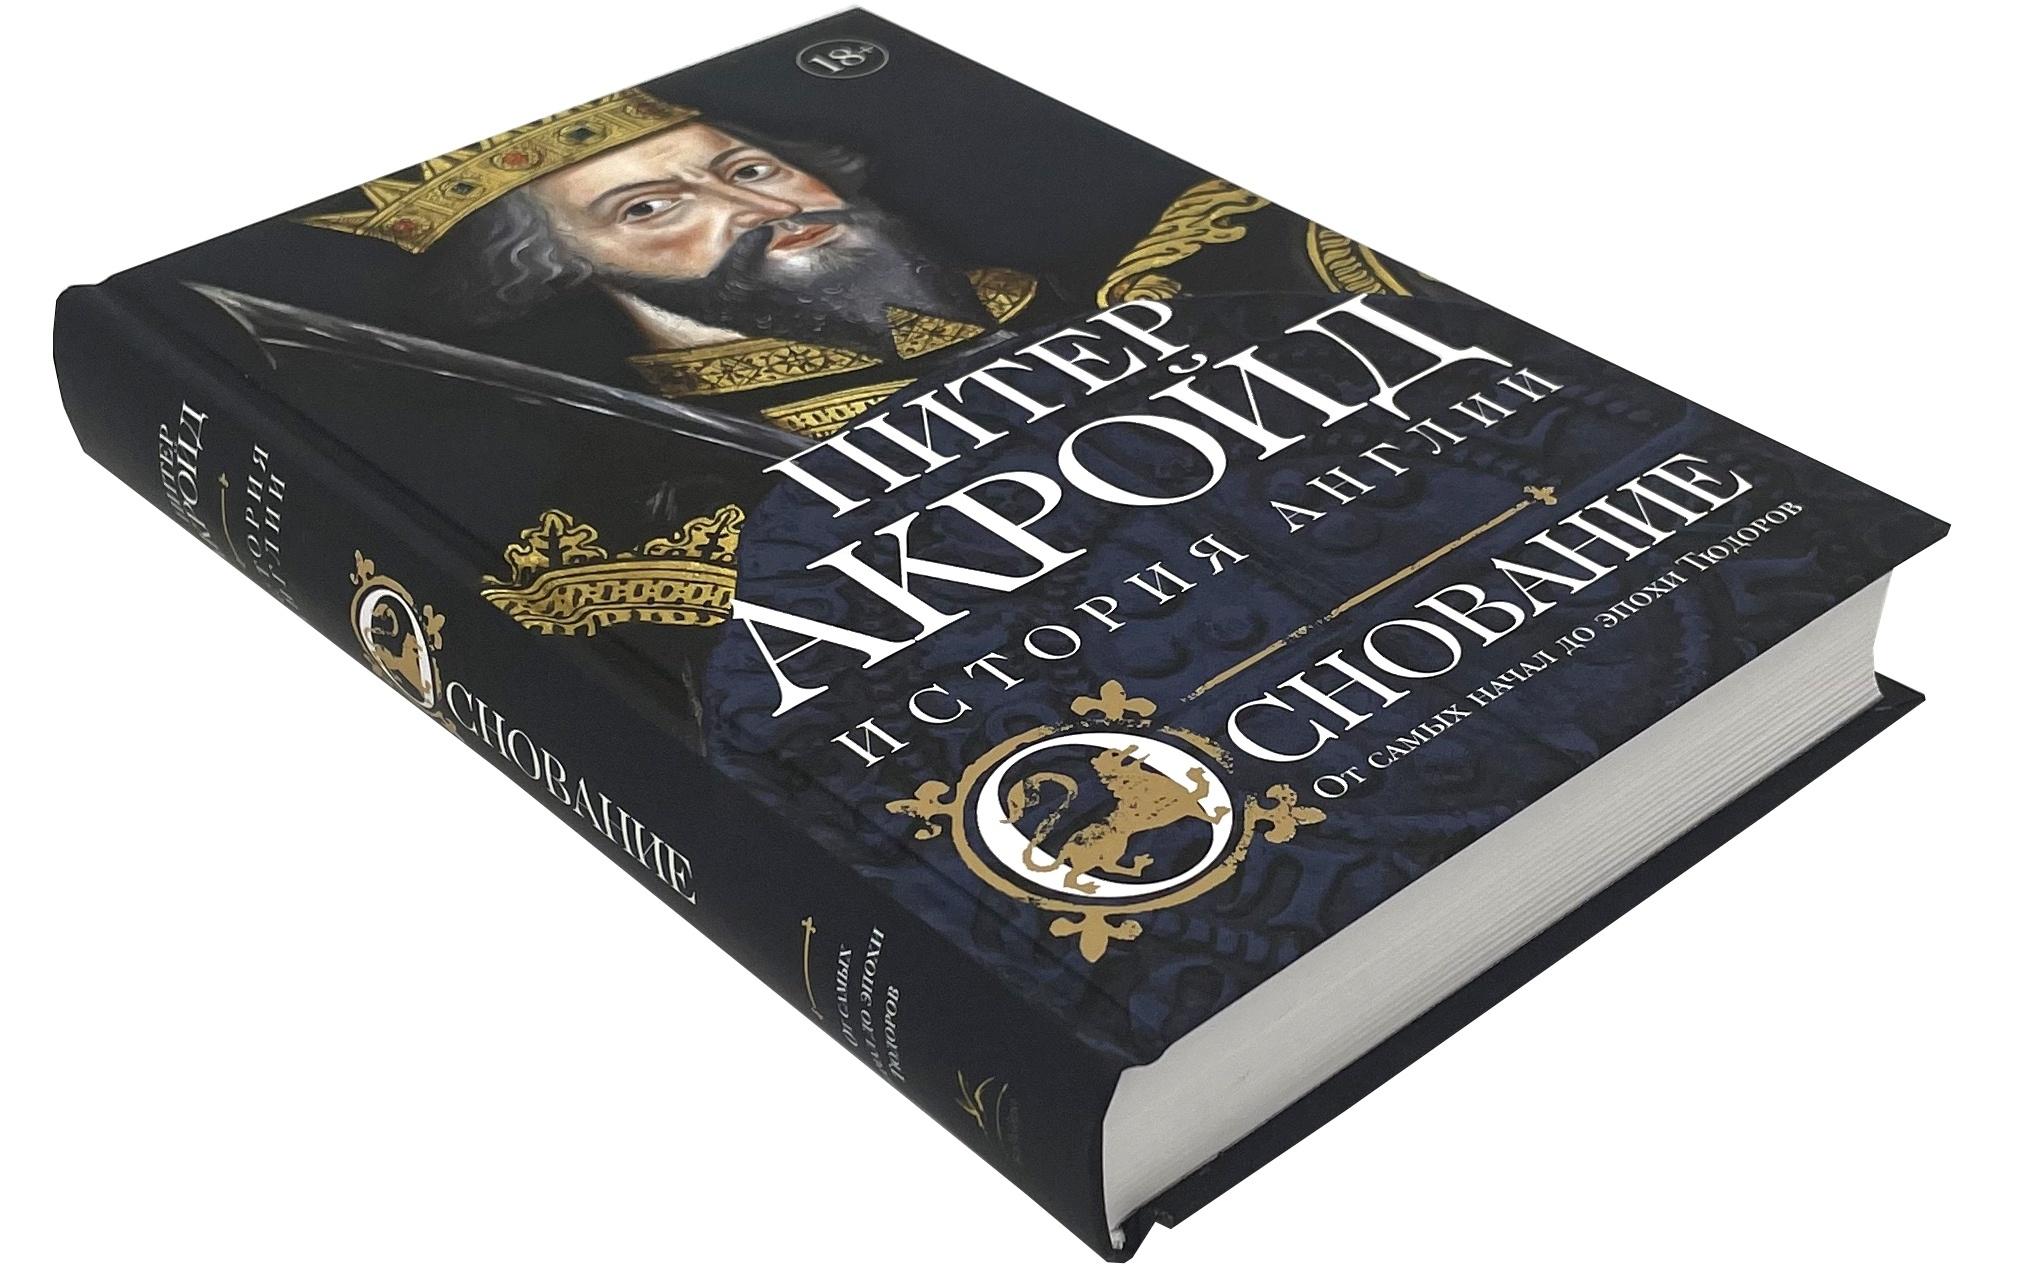 Основание. История Англии. От самых начал до эпохи Тюдоров. Автор — Питер Акройд. Переплет —